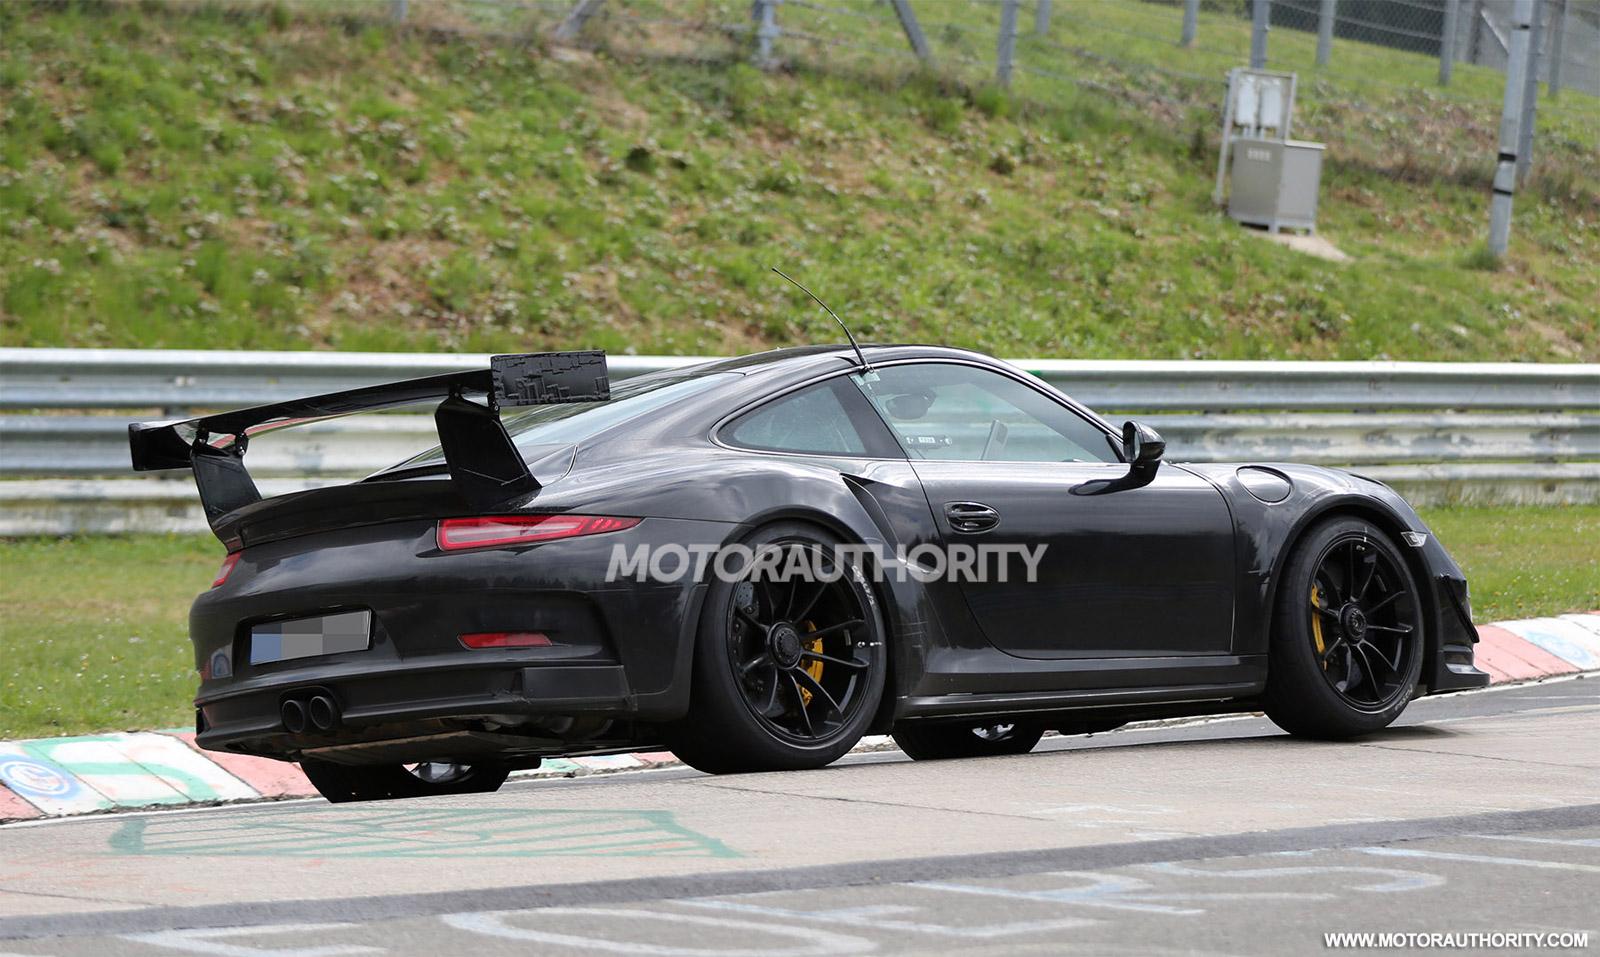 Porsche 911 gt3 rs review 2017 autocar - Porsche 911 Gt3 Rs Review 2017 Autocar 84